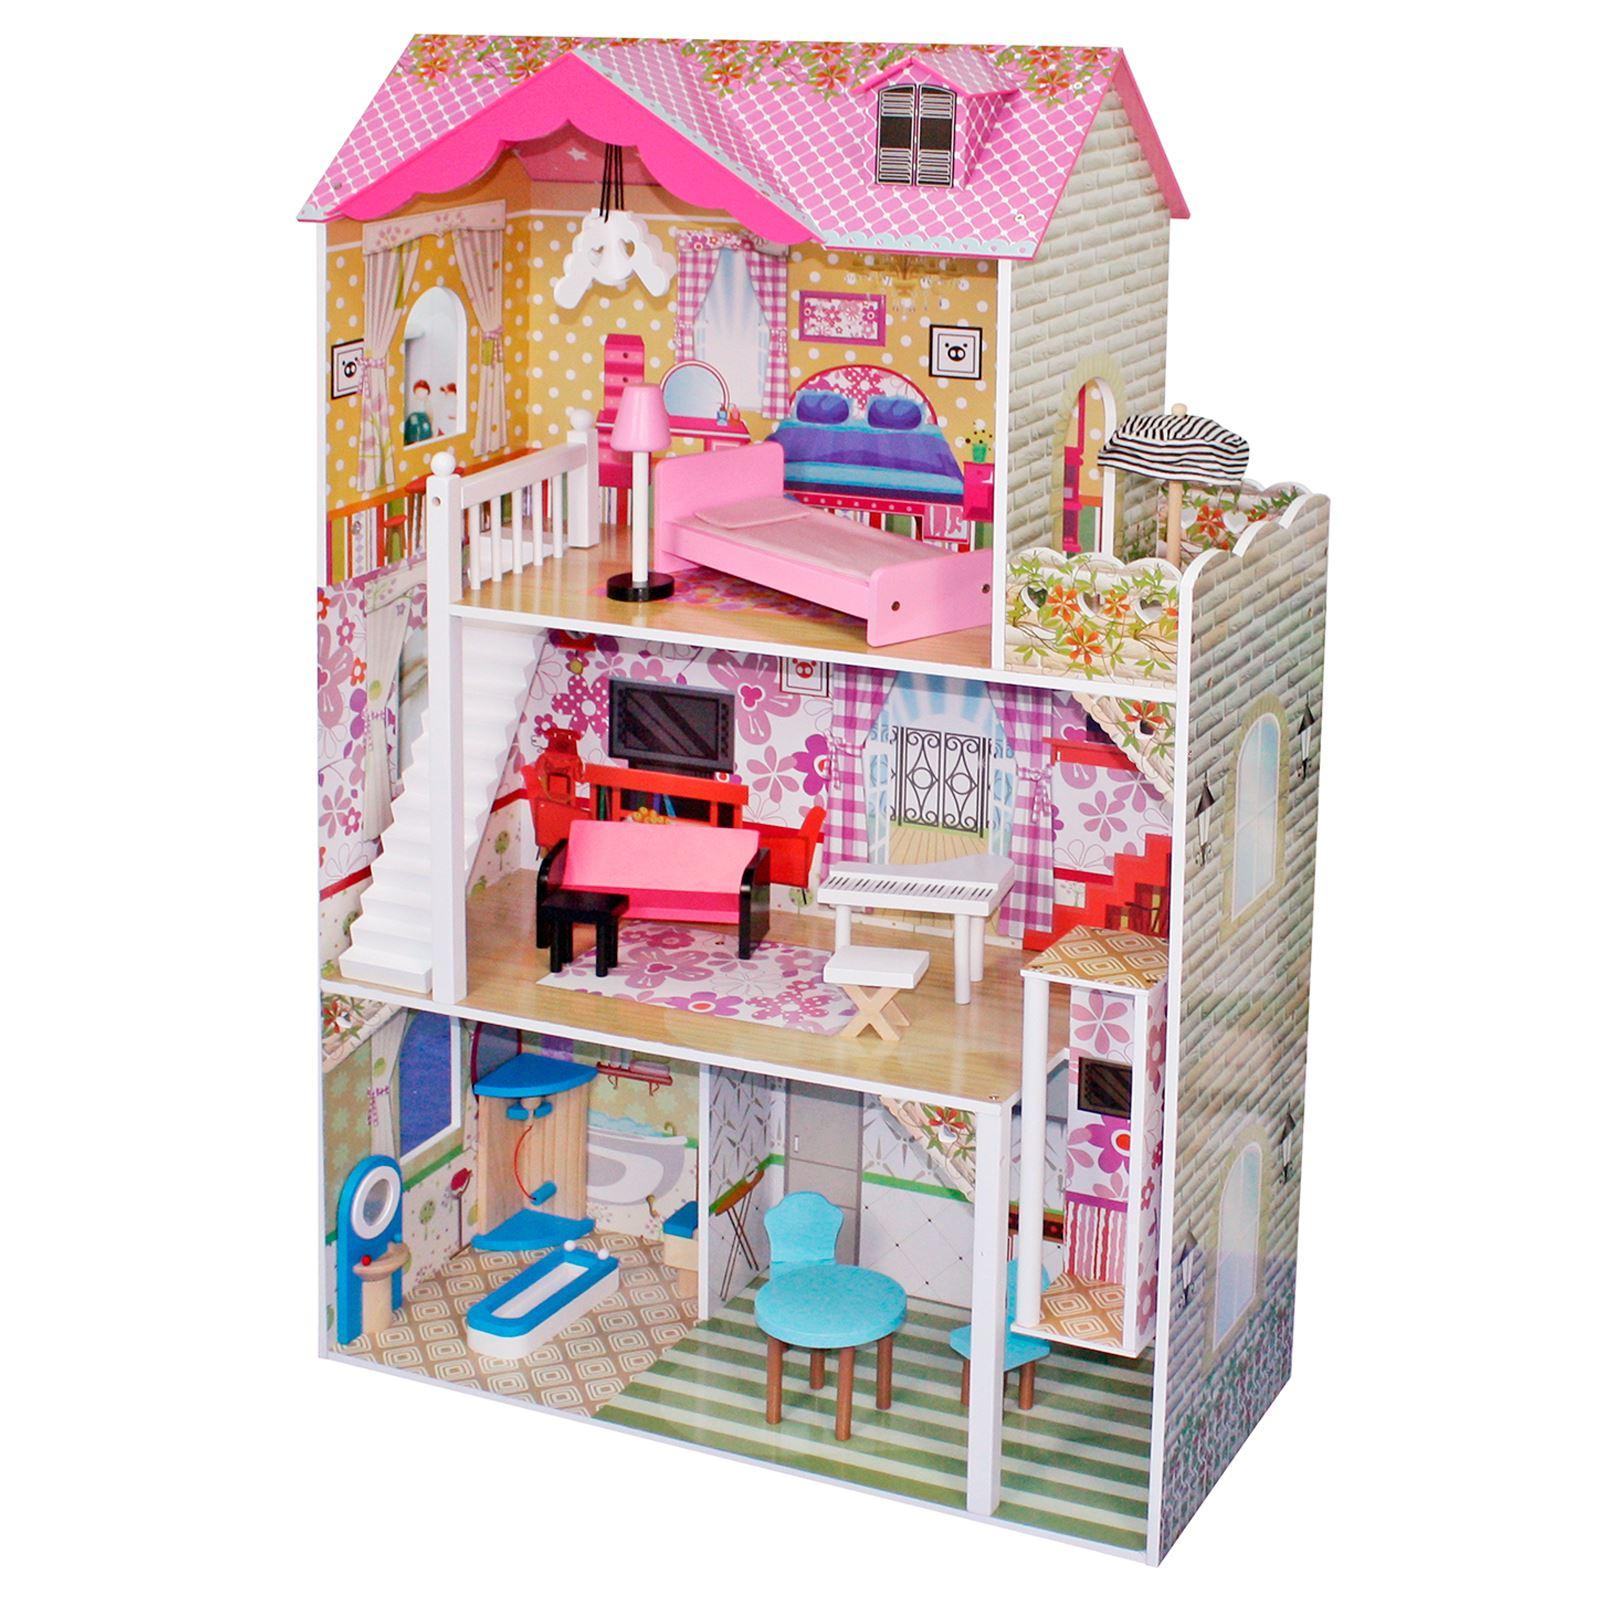 Boppi giocattolo di legno bambine casa delle bambole 3 for Piano casa delle bambole vittoriana